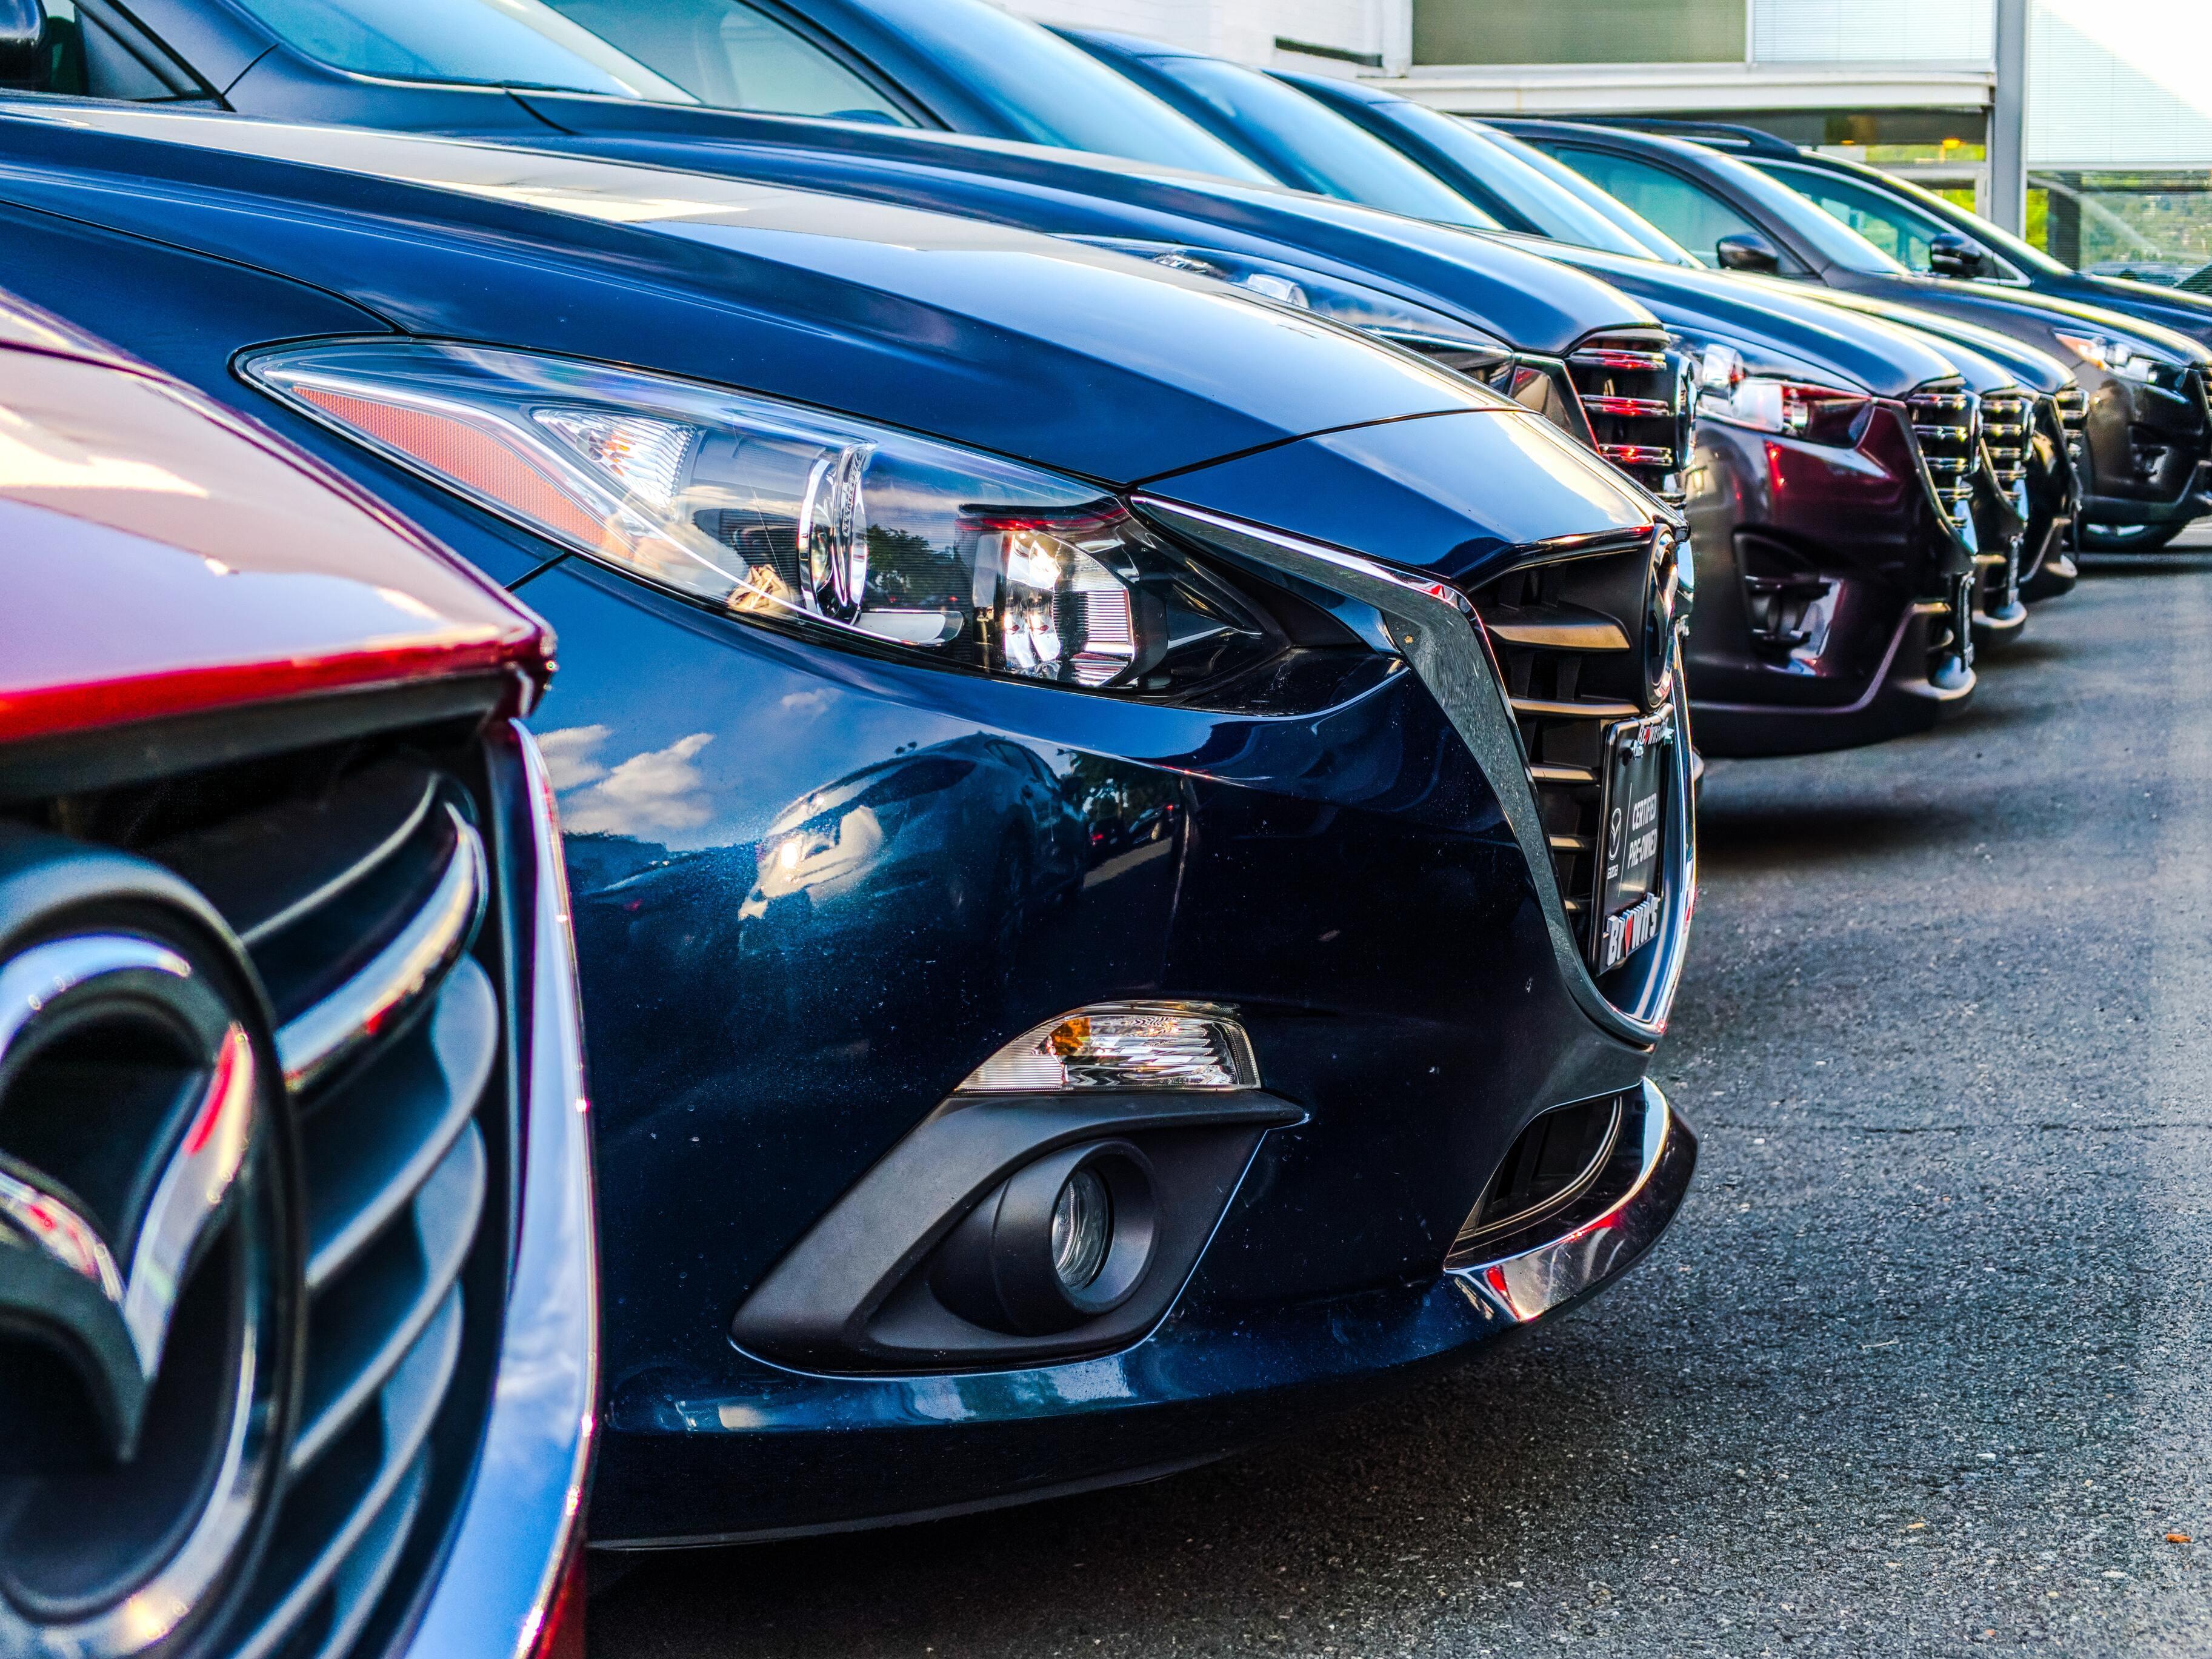 Сайт для продажи подержанных автомобилей защитит покупателей от мошенничества